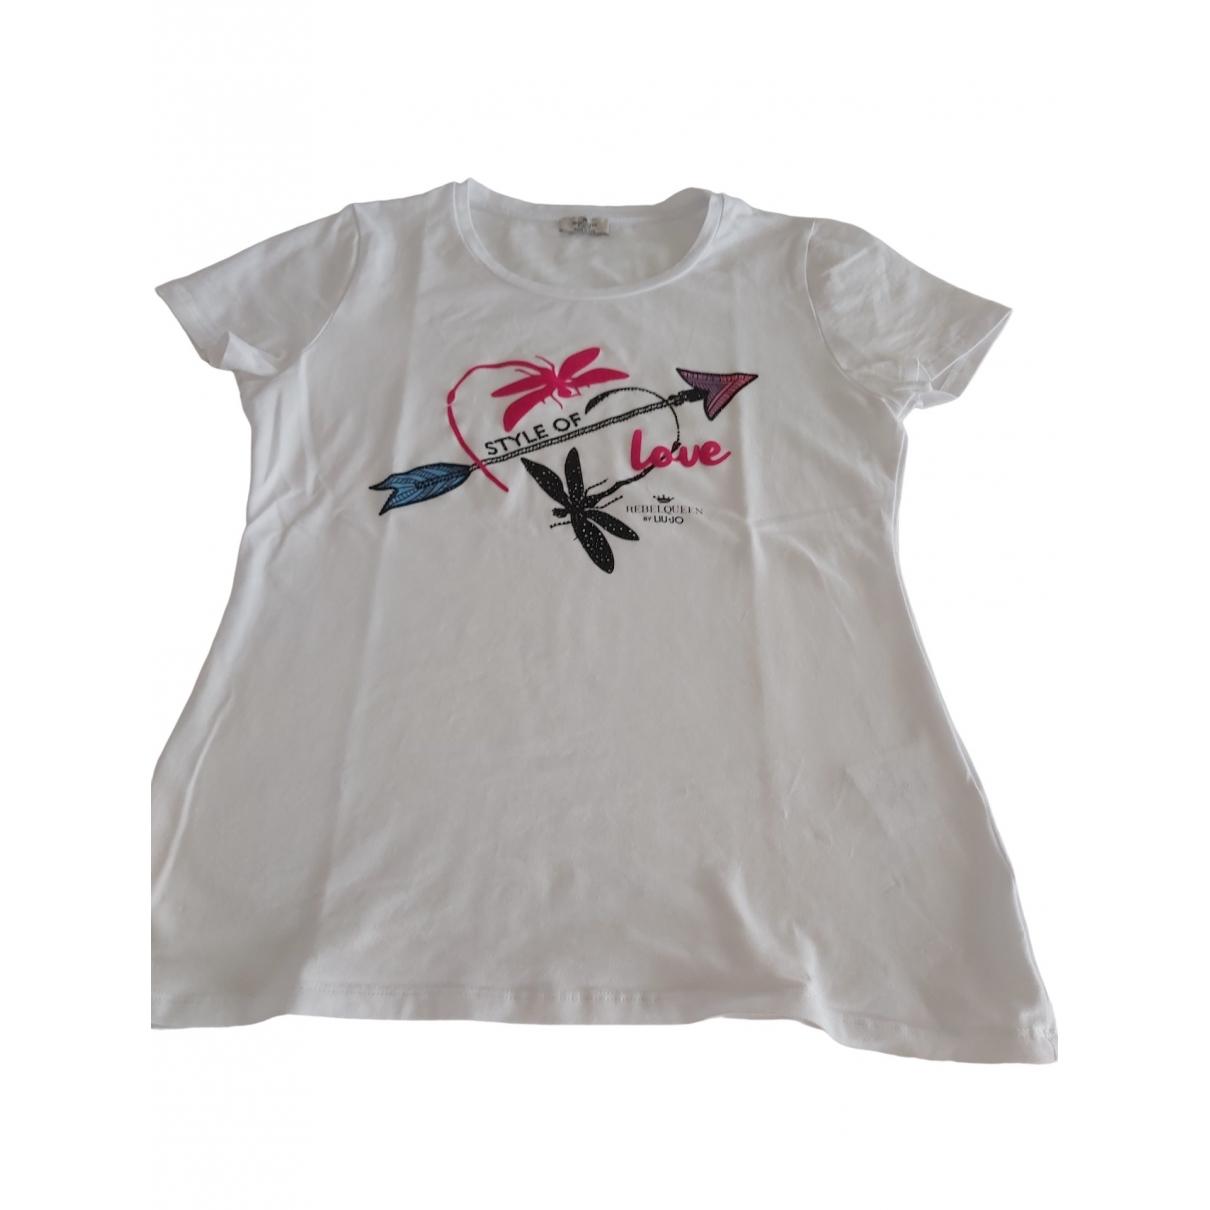 Liu.jo \N White Cotton  top for Women L International